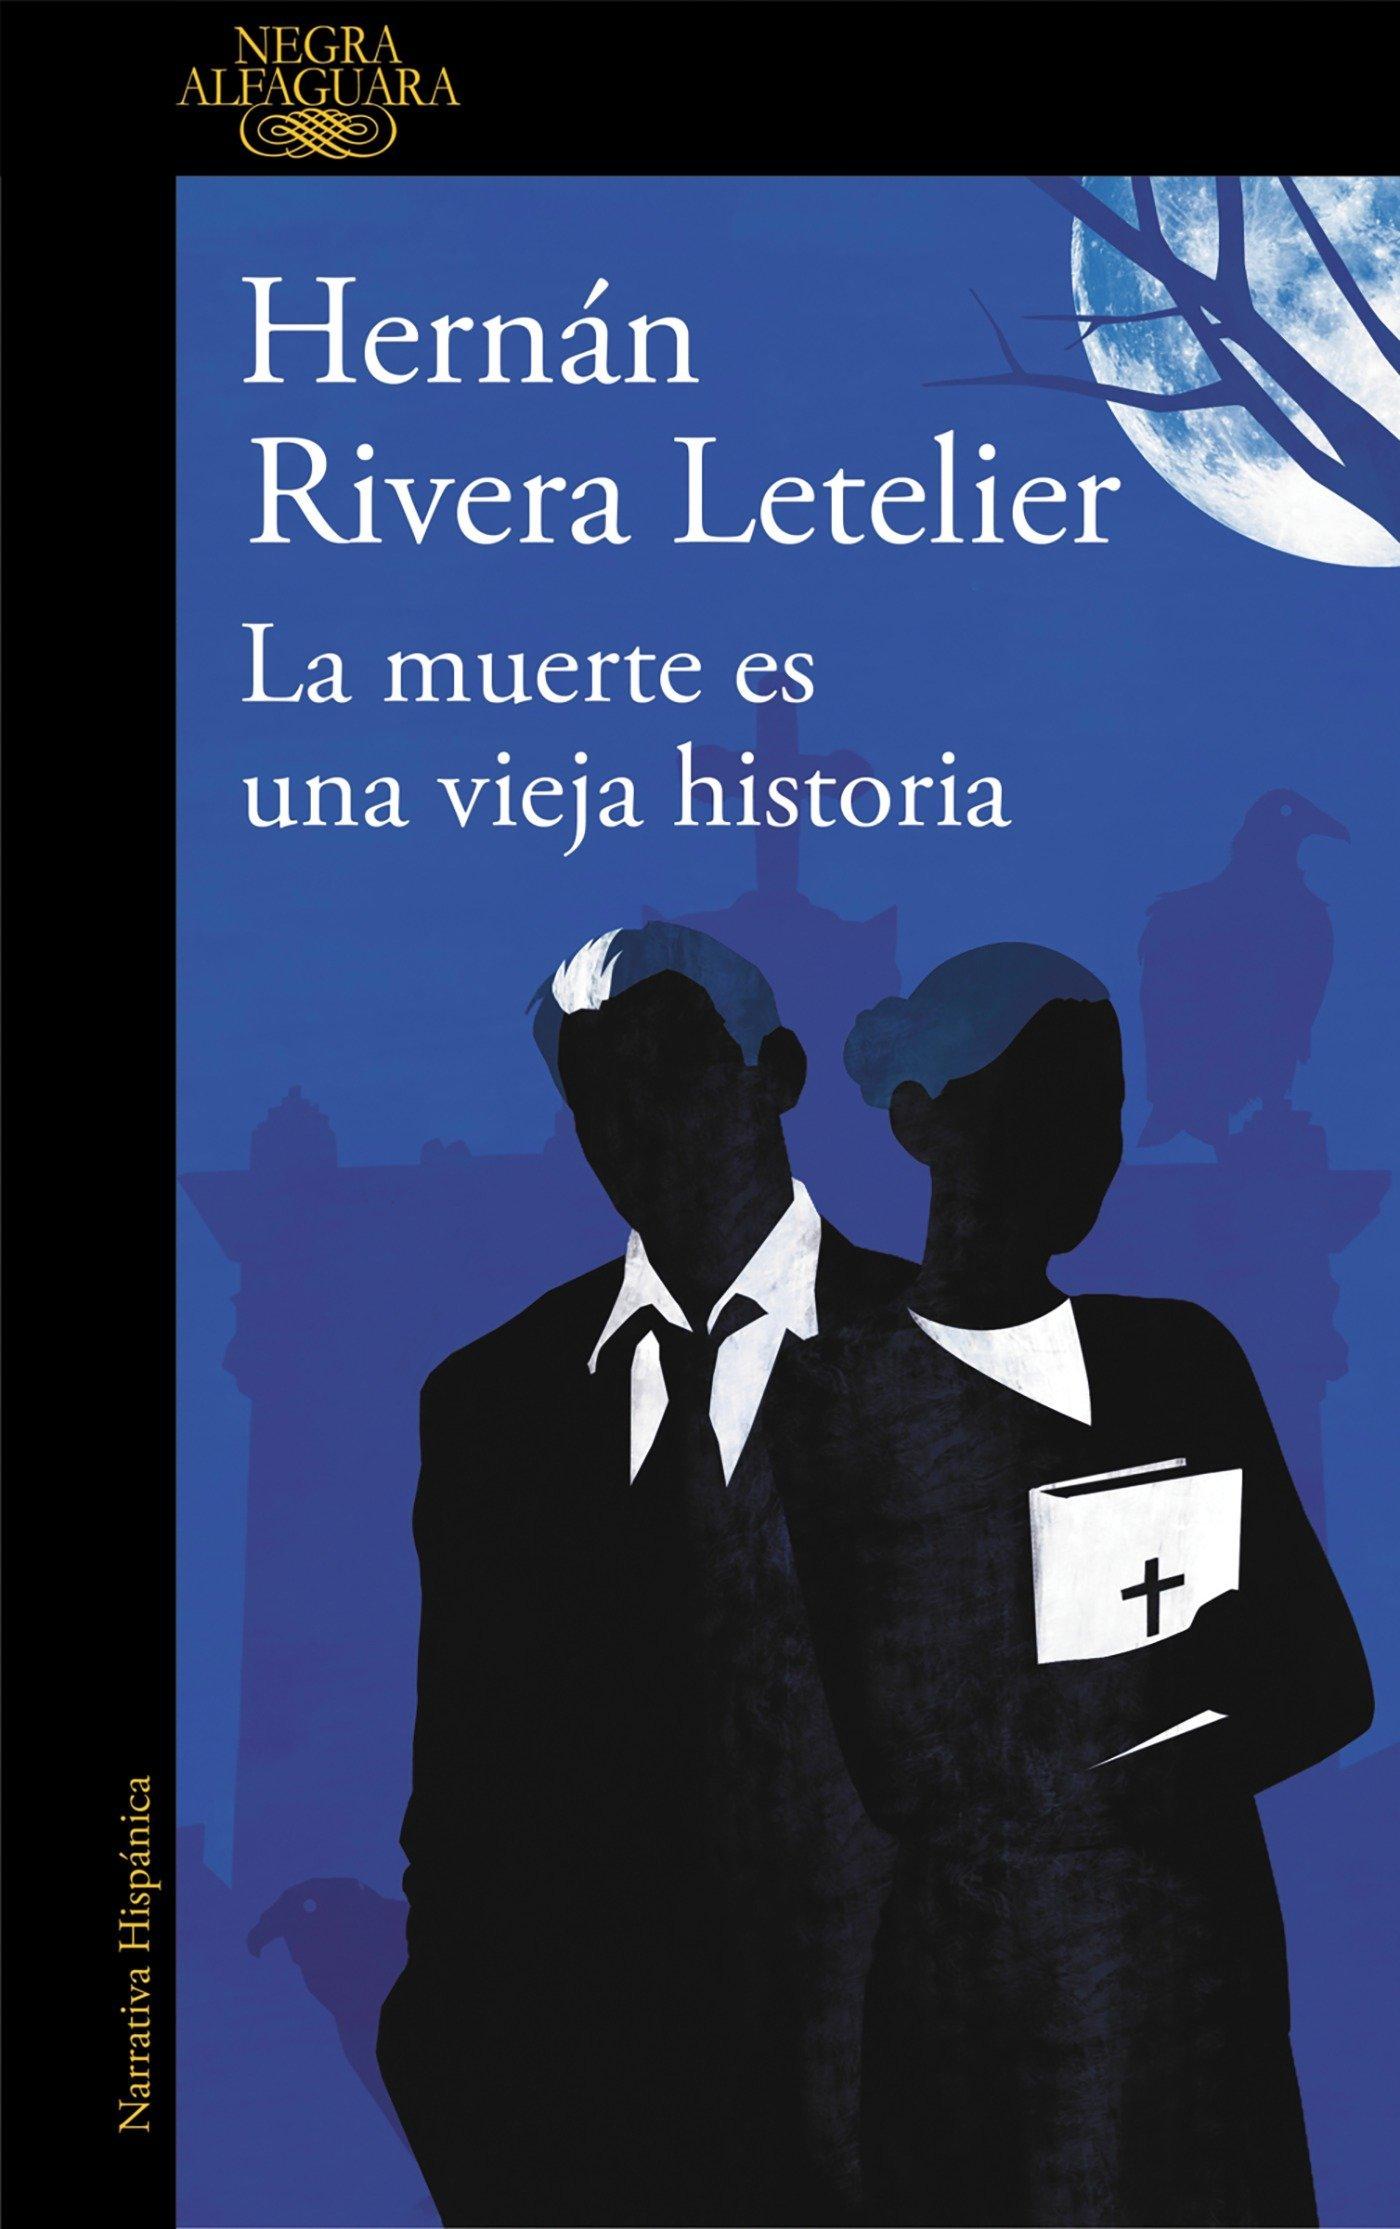 La muerte es una vieja historia (Alfaguara Negra): Amazon.es: Rivera Letelier, Hernán: Libros